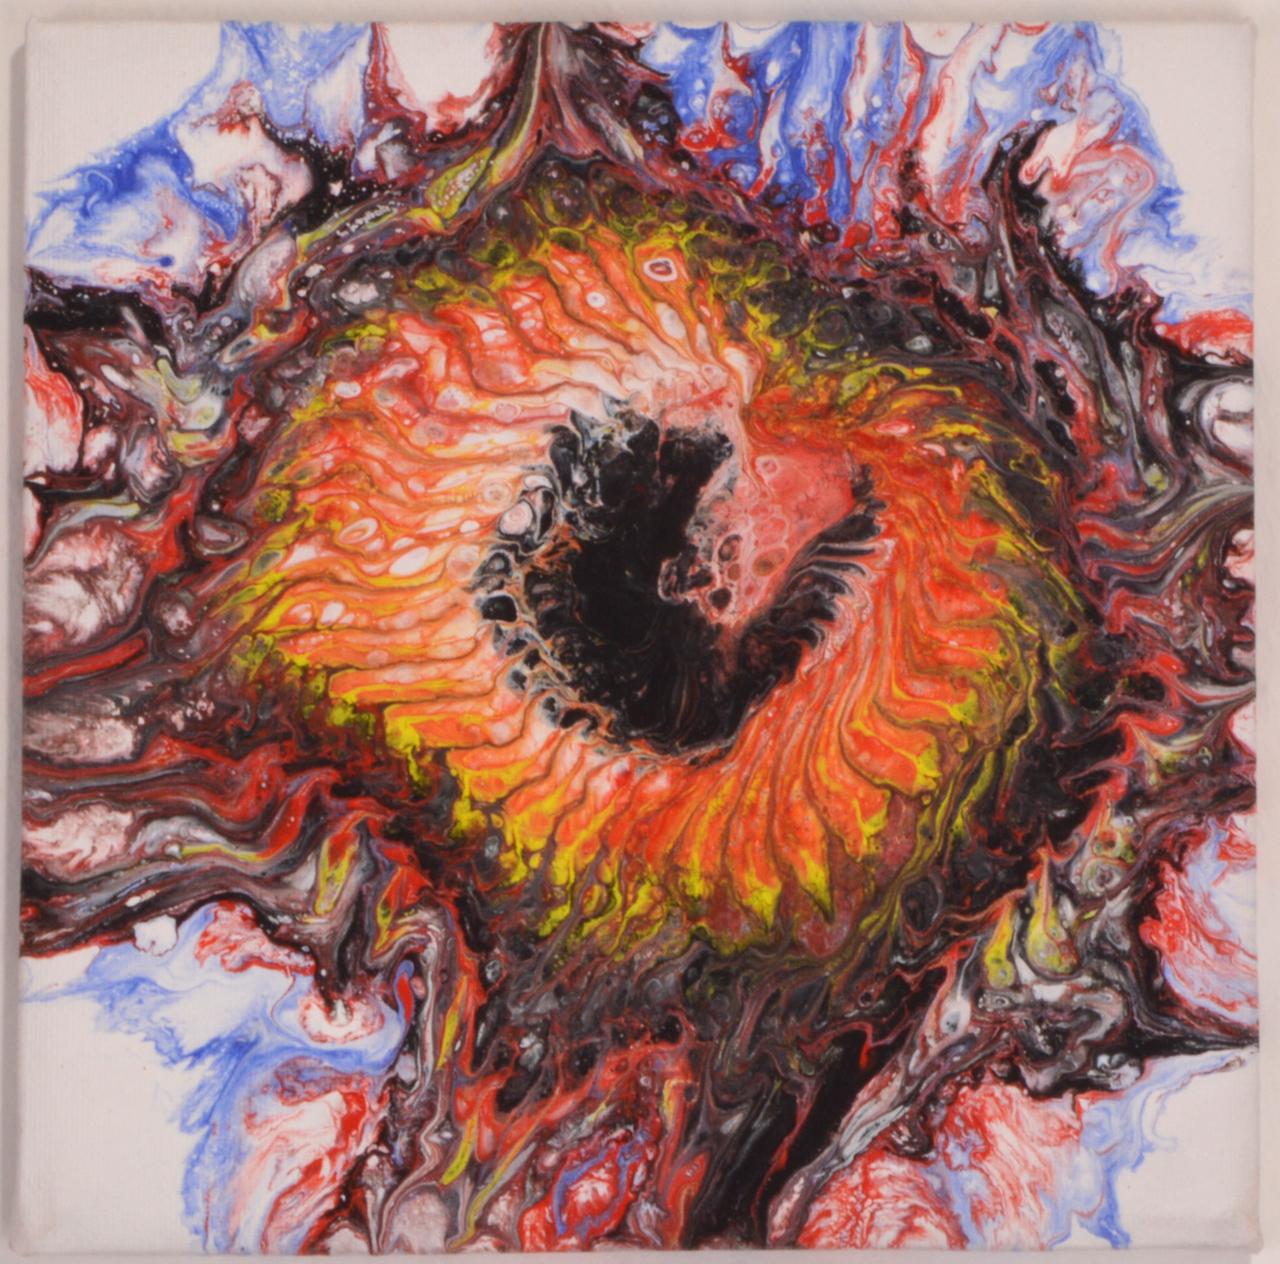 006_20x20 Auge des Drachen